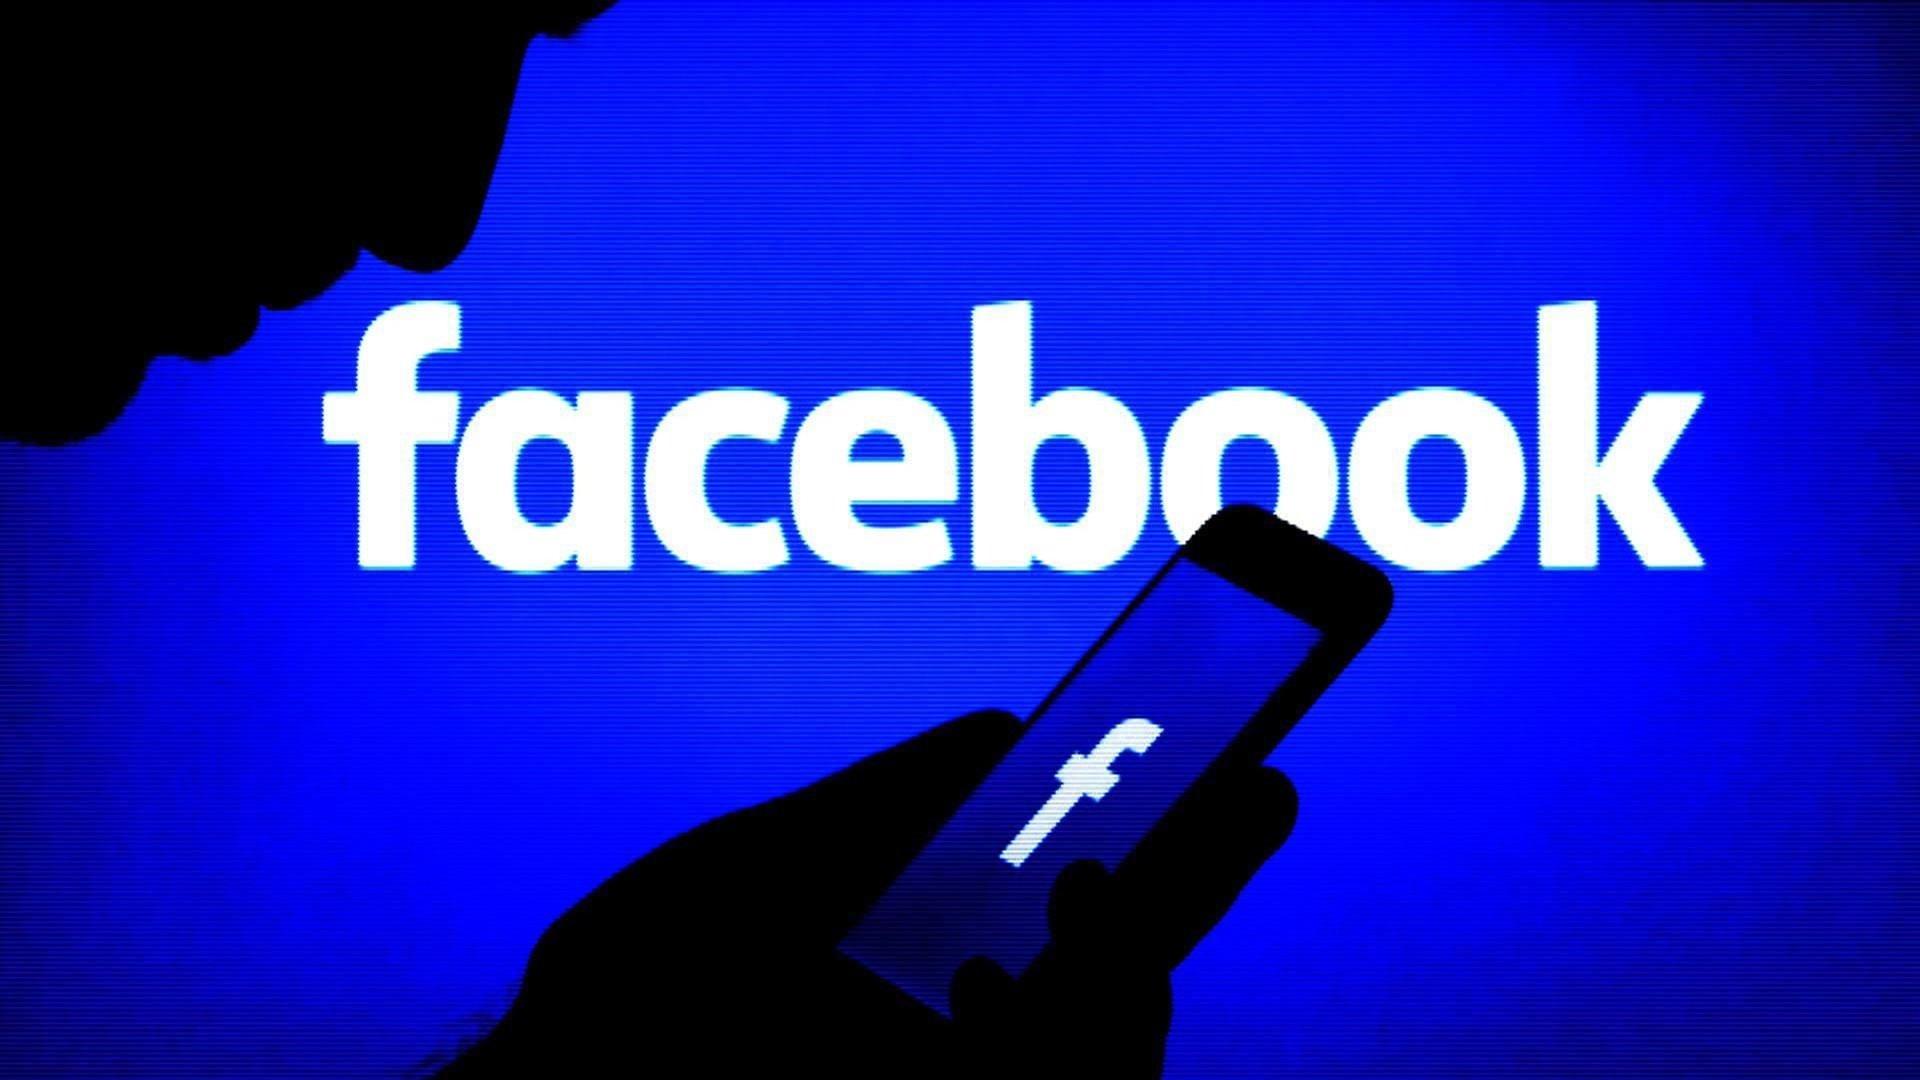 facebook azul sobre utilizador com telemovel